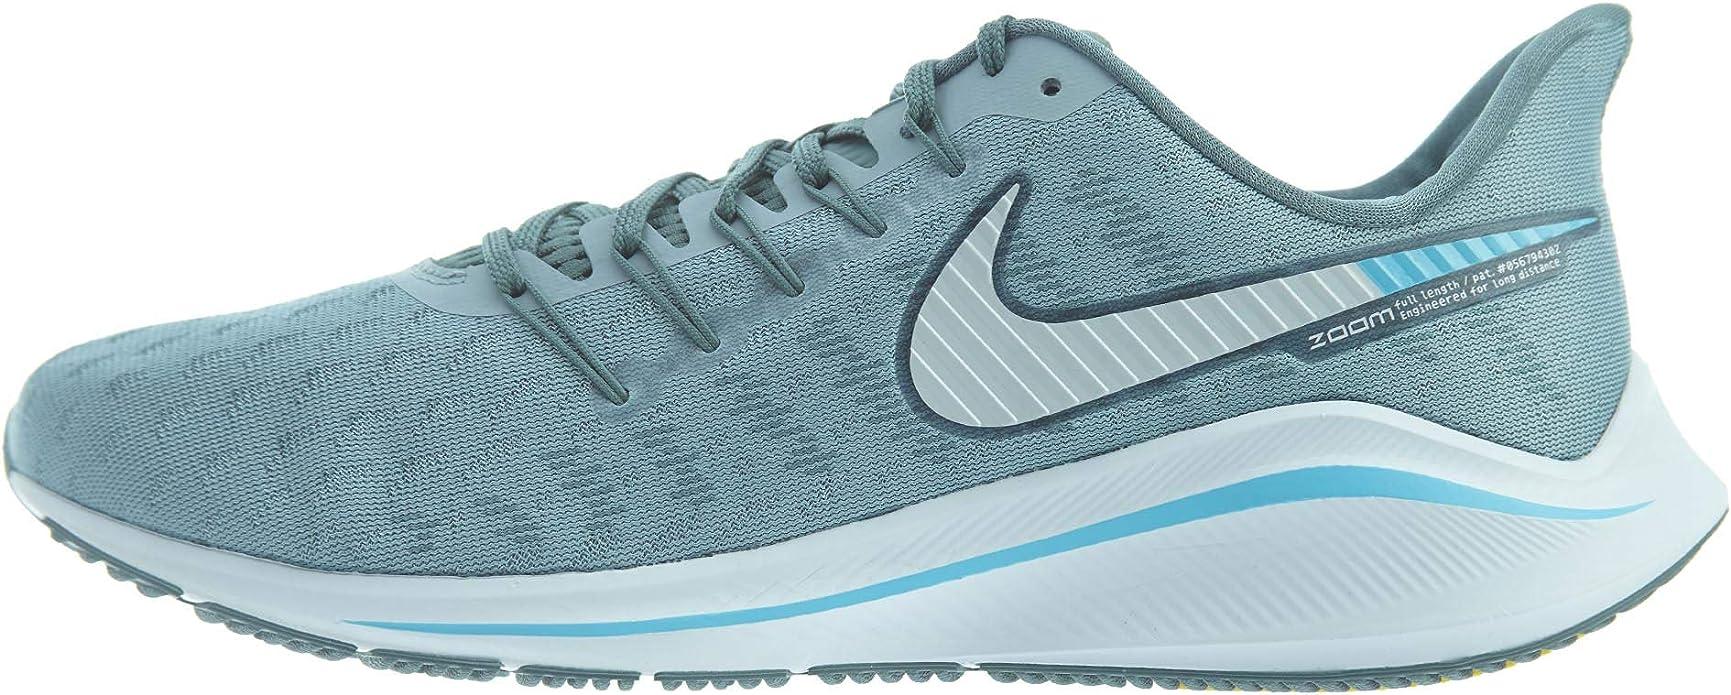 Nike Air Zoom Vomero 14, Zapatillas de Entrenamiento para Hombre, Azul (Aviator Grey/Pure Platinum/Blue Fury 002), 45 EU: Amazon.es: Zapatos y complementos